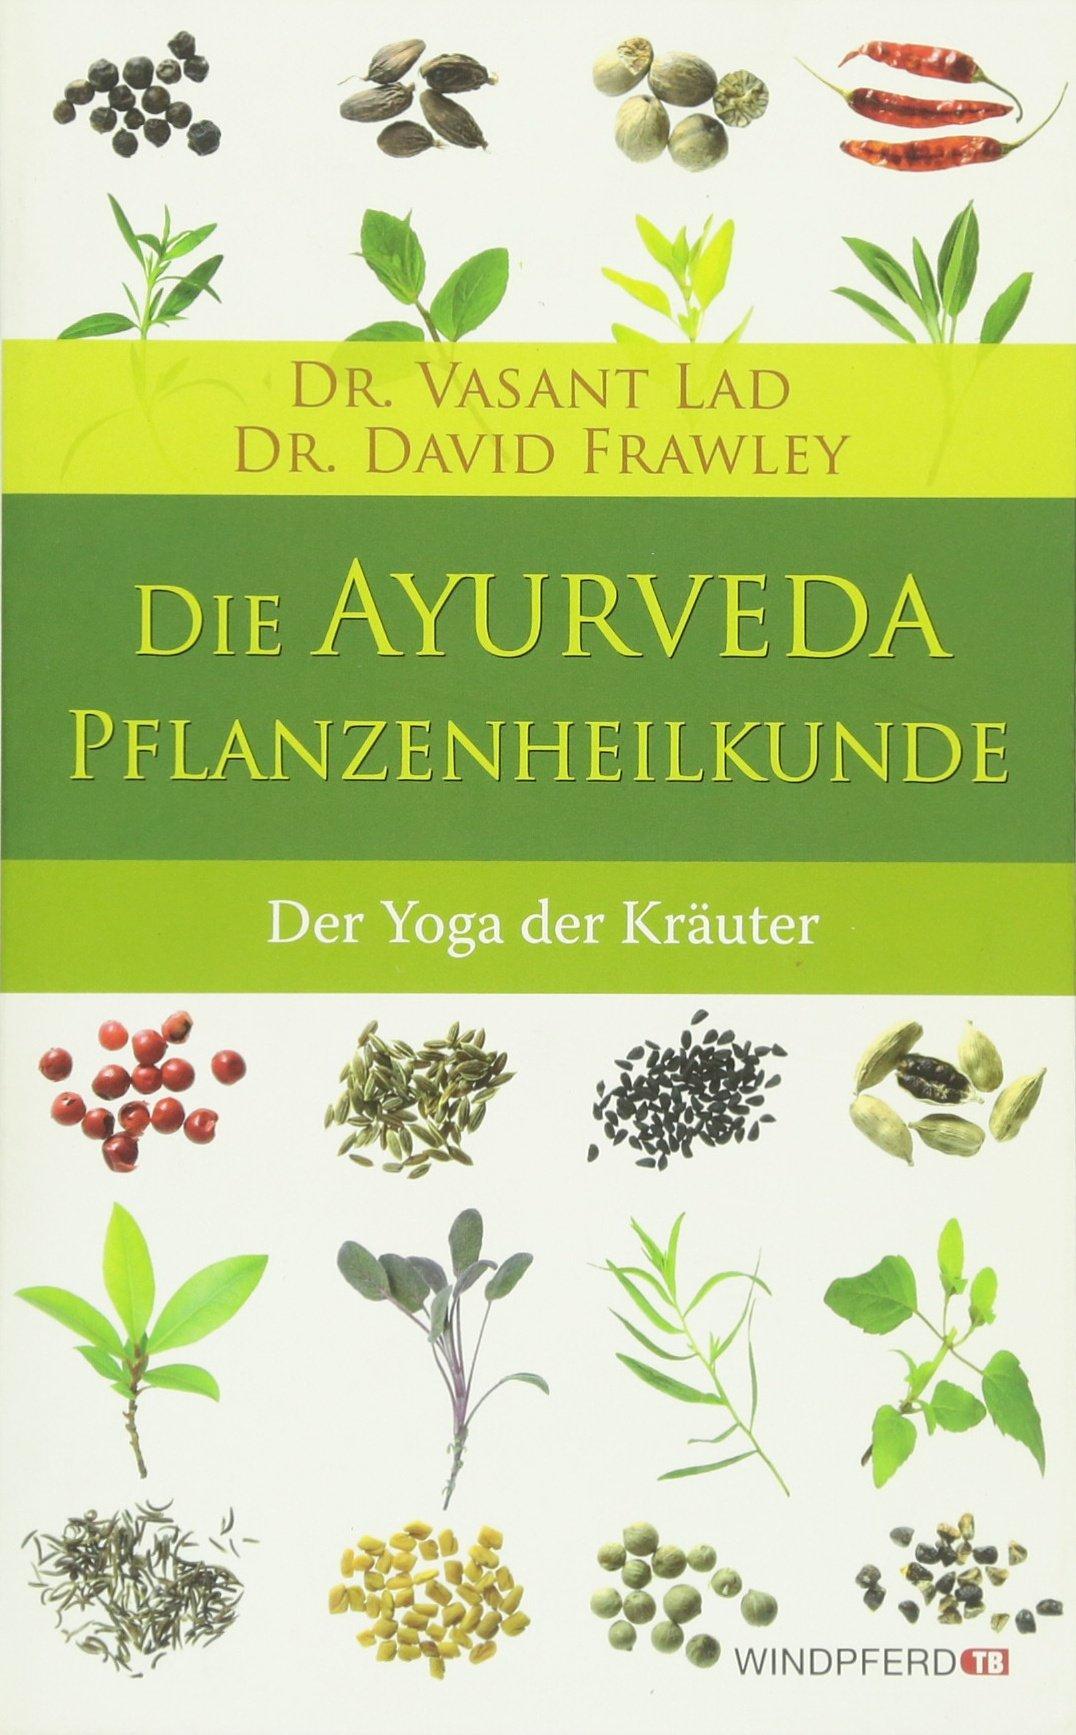 Die Ayurveda-Pflanzenheilkunde - Der Yoga der Heilkräuter